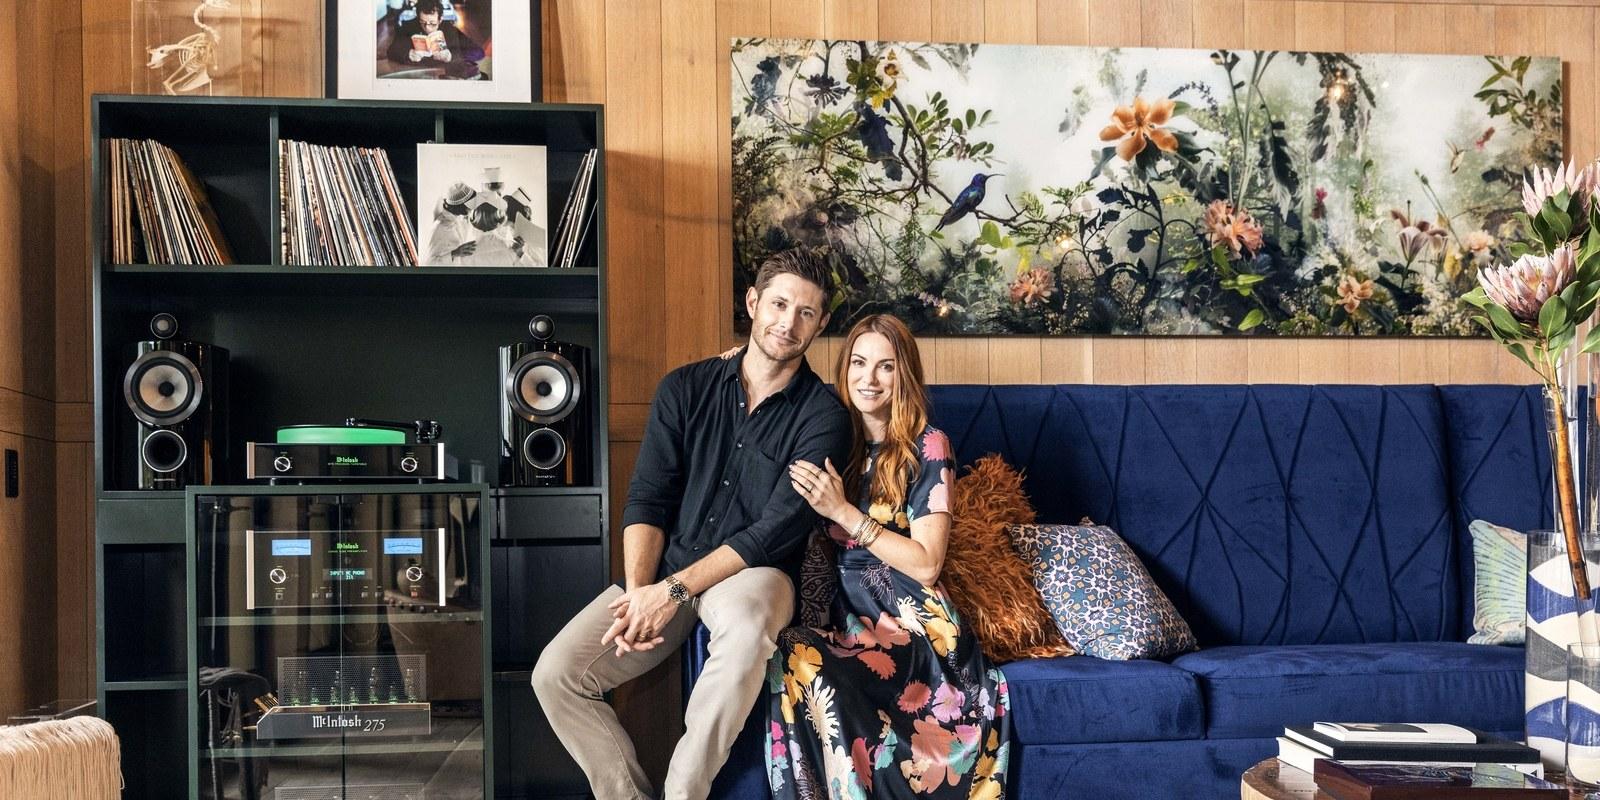 Дженсън със съпругата си Данийл Харис/снимка: Architectural Digest